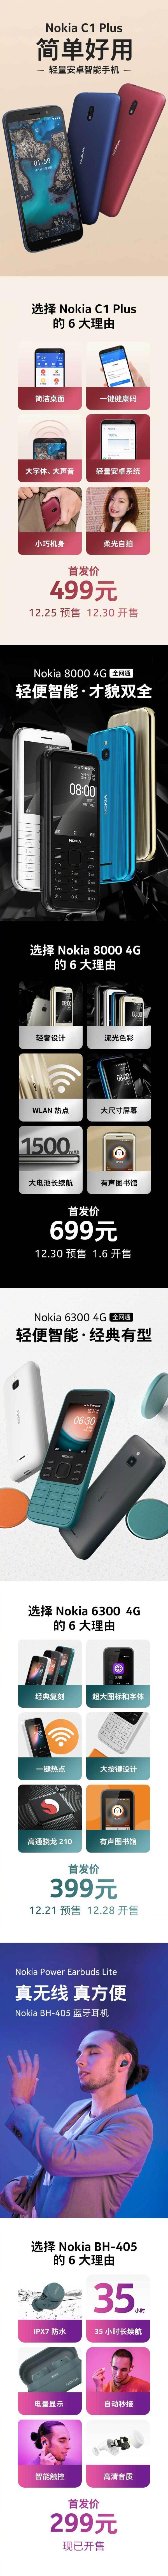 399元起 诺基亚三款新机齐发:经典重生